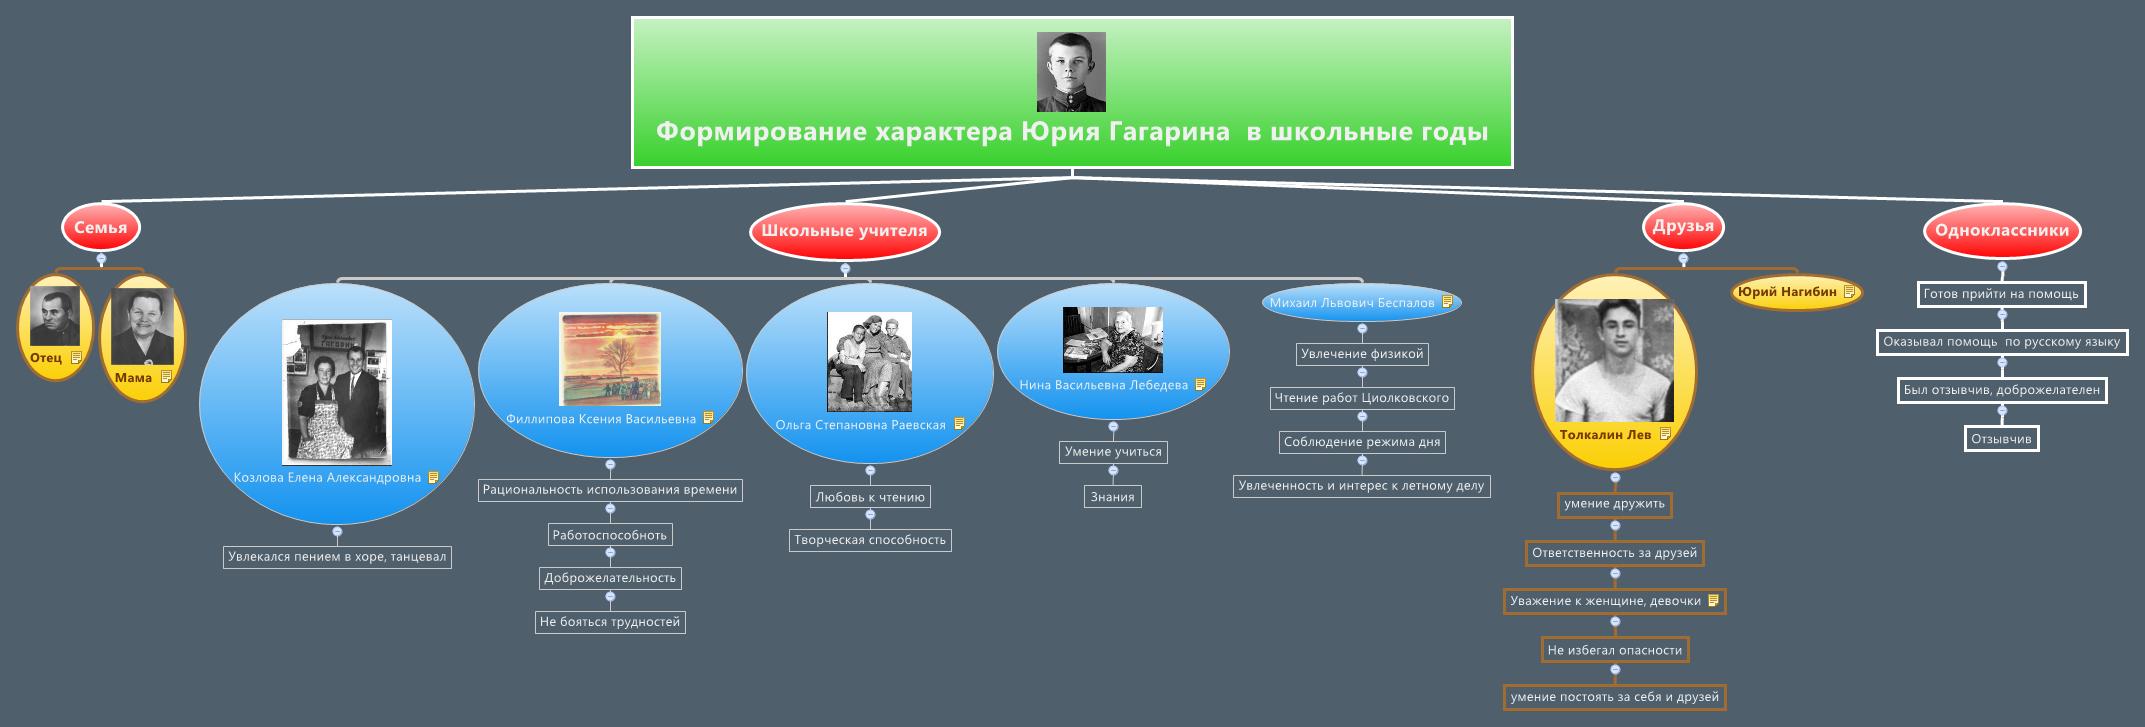 Формирование характера Юрия Гагарина  в школьные годы